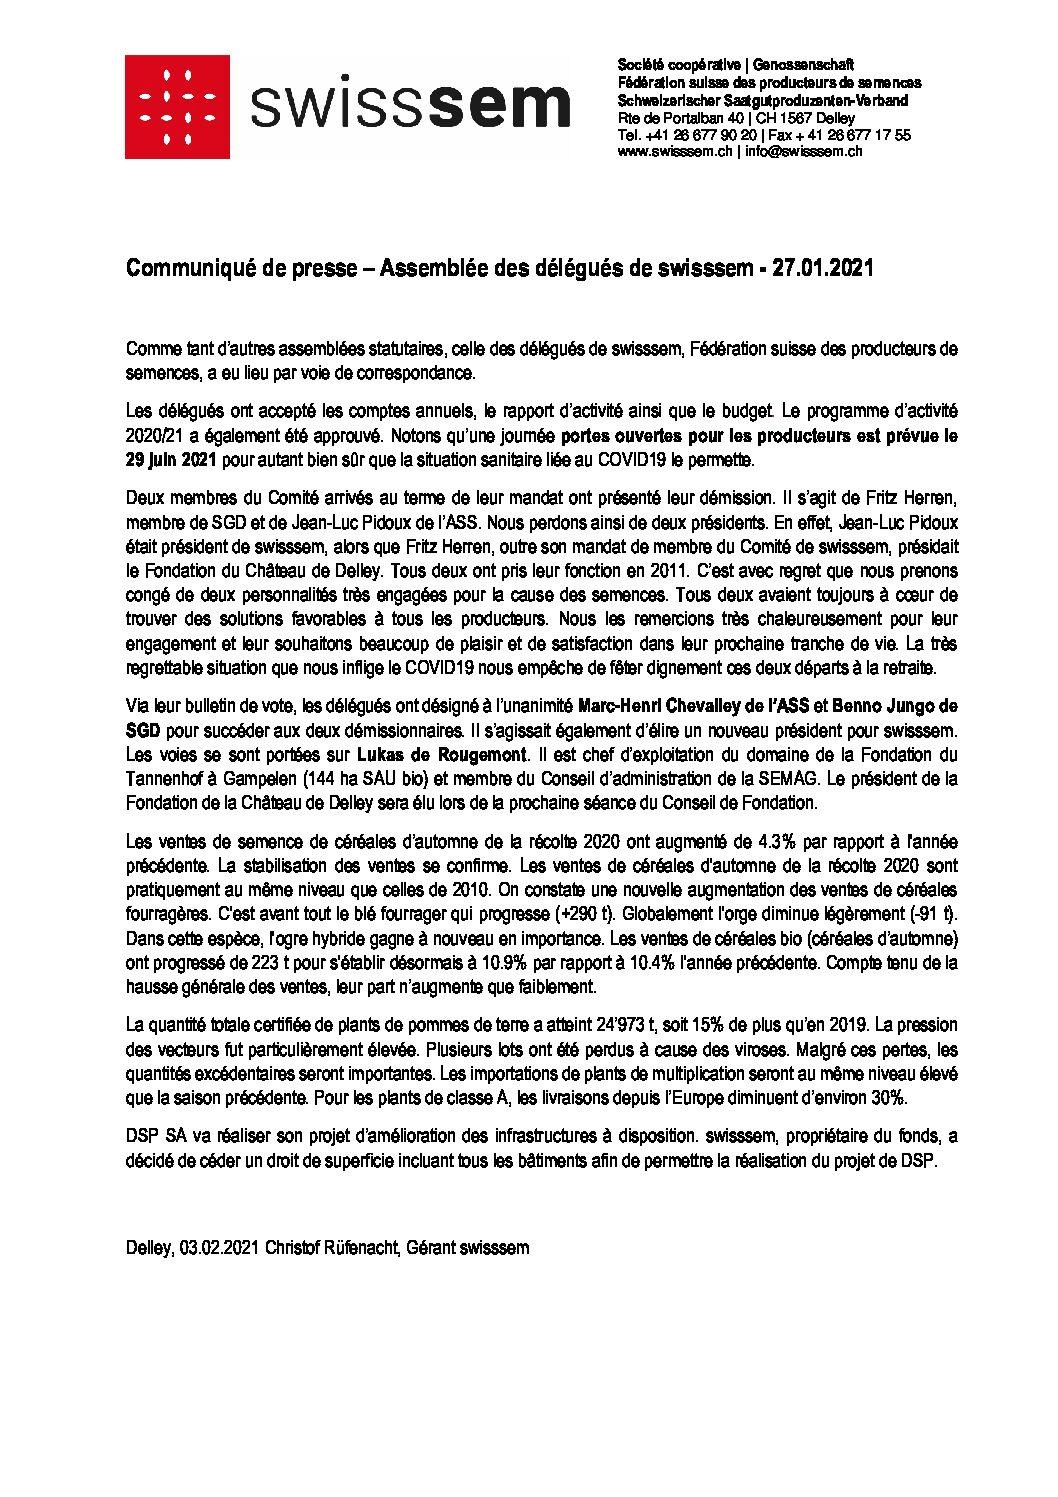 2021-02-03 Communiqué de presse AD swisssem